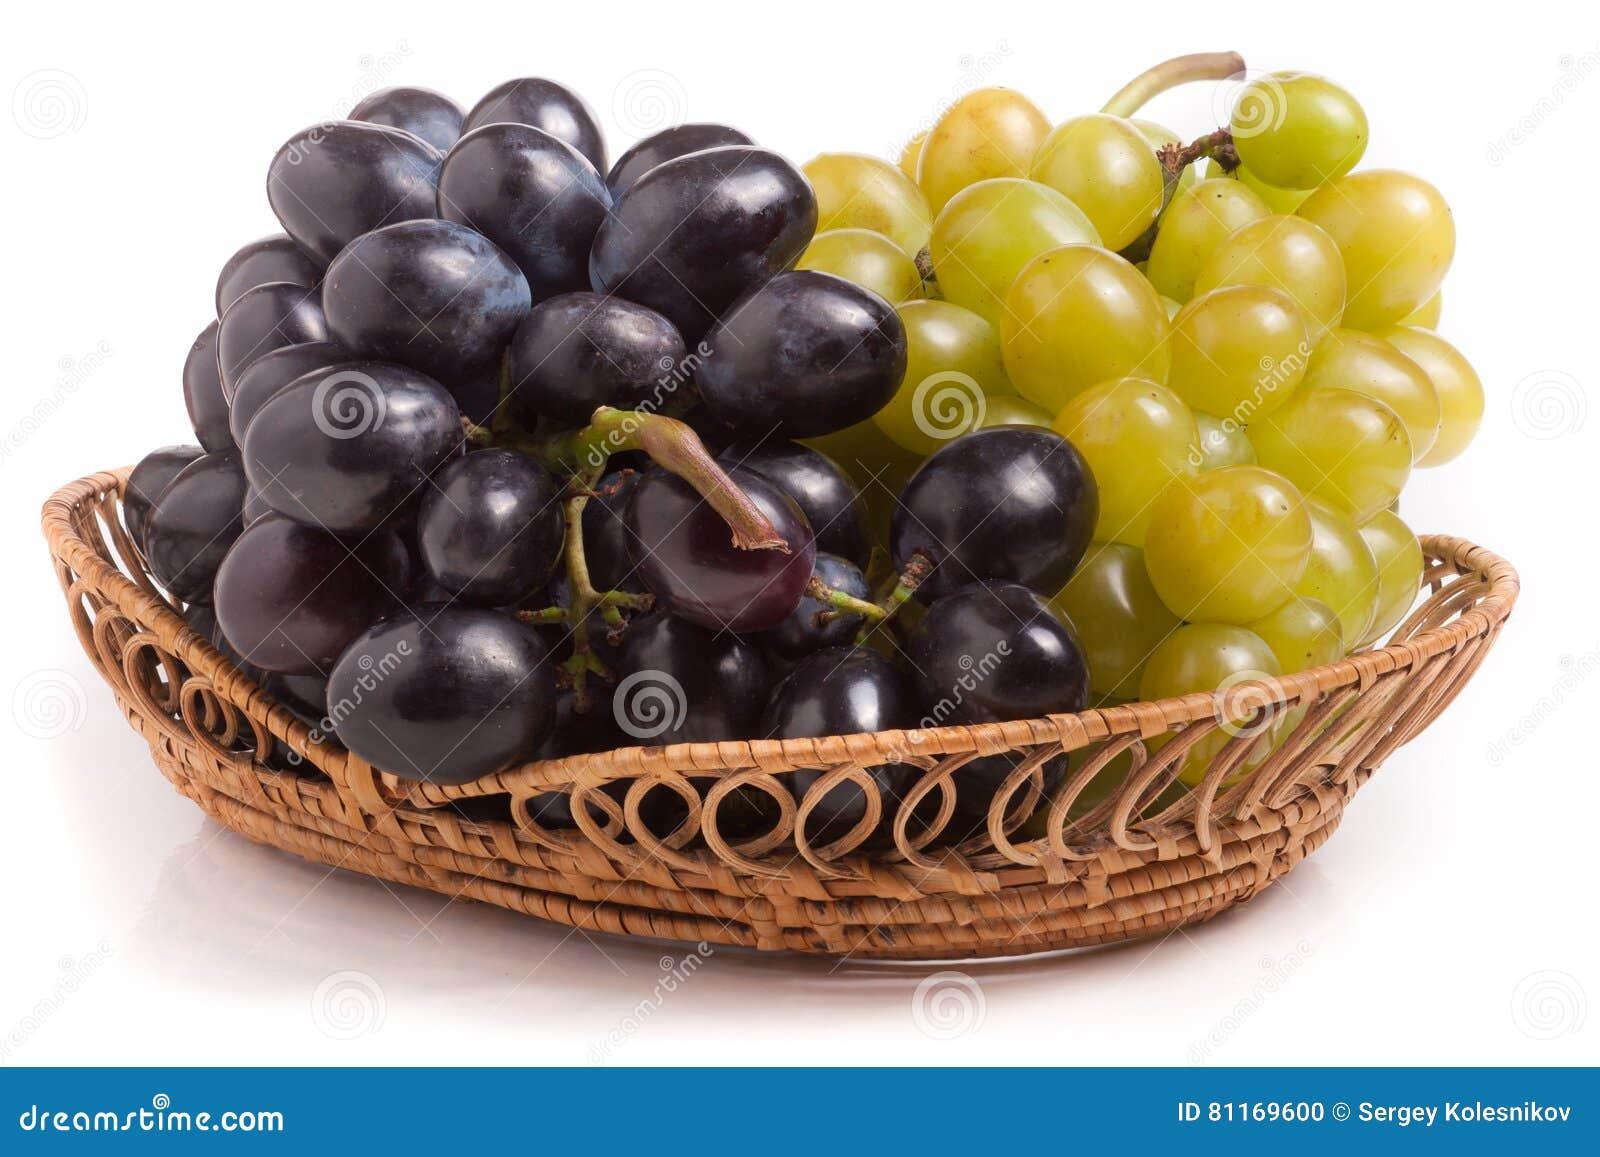 Bündel grüne und blaue Trauben im Weidenkorb lokalisiert auf weißem Hintergrund